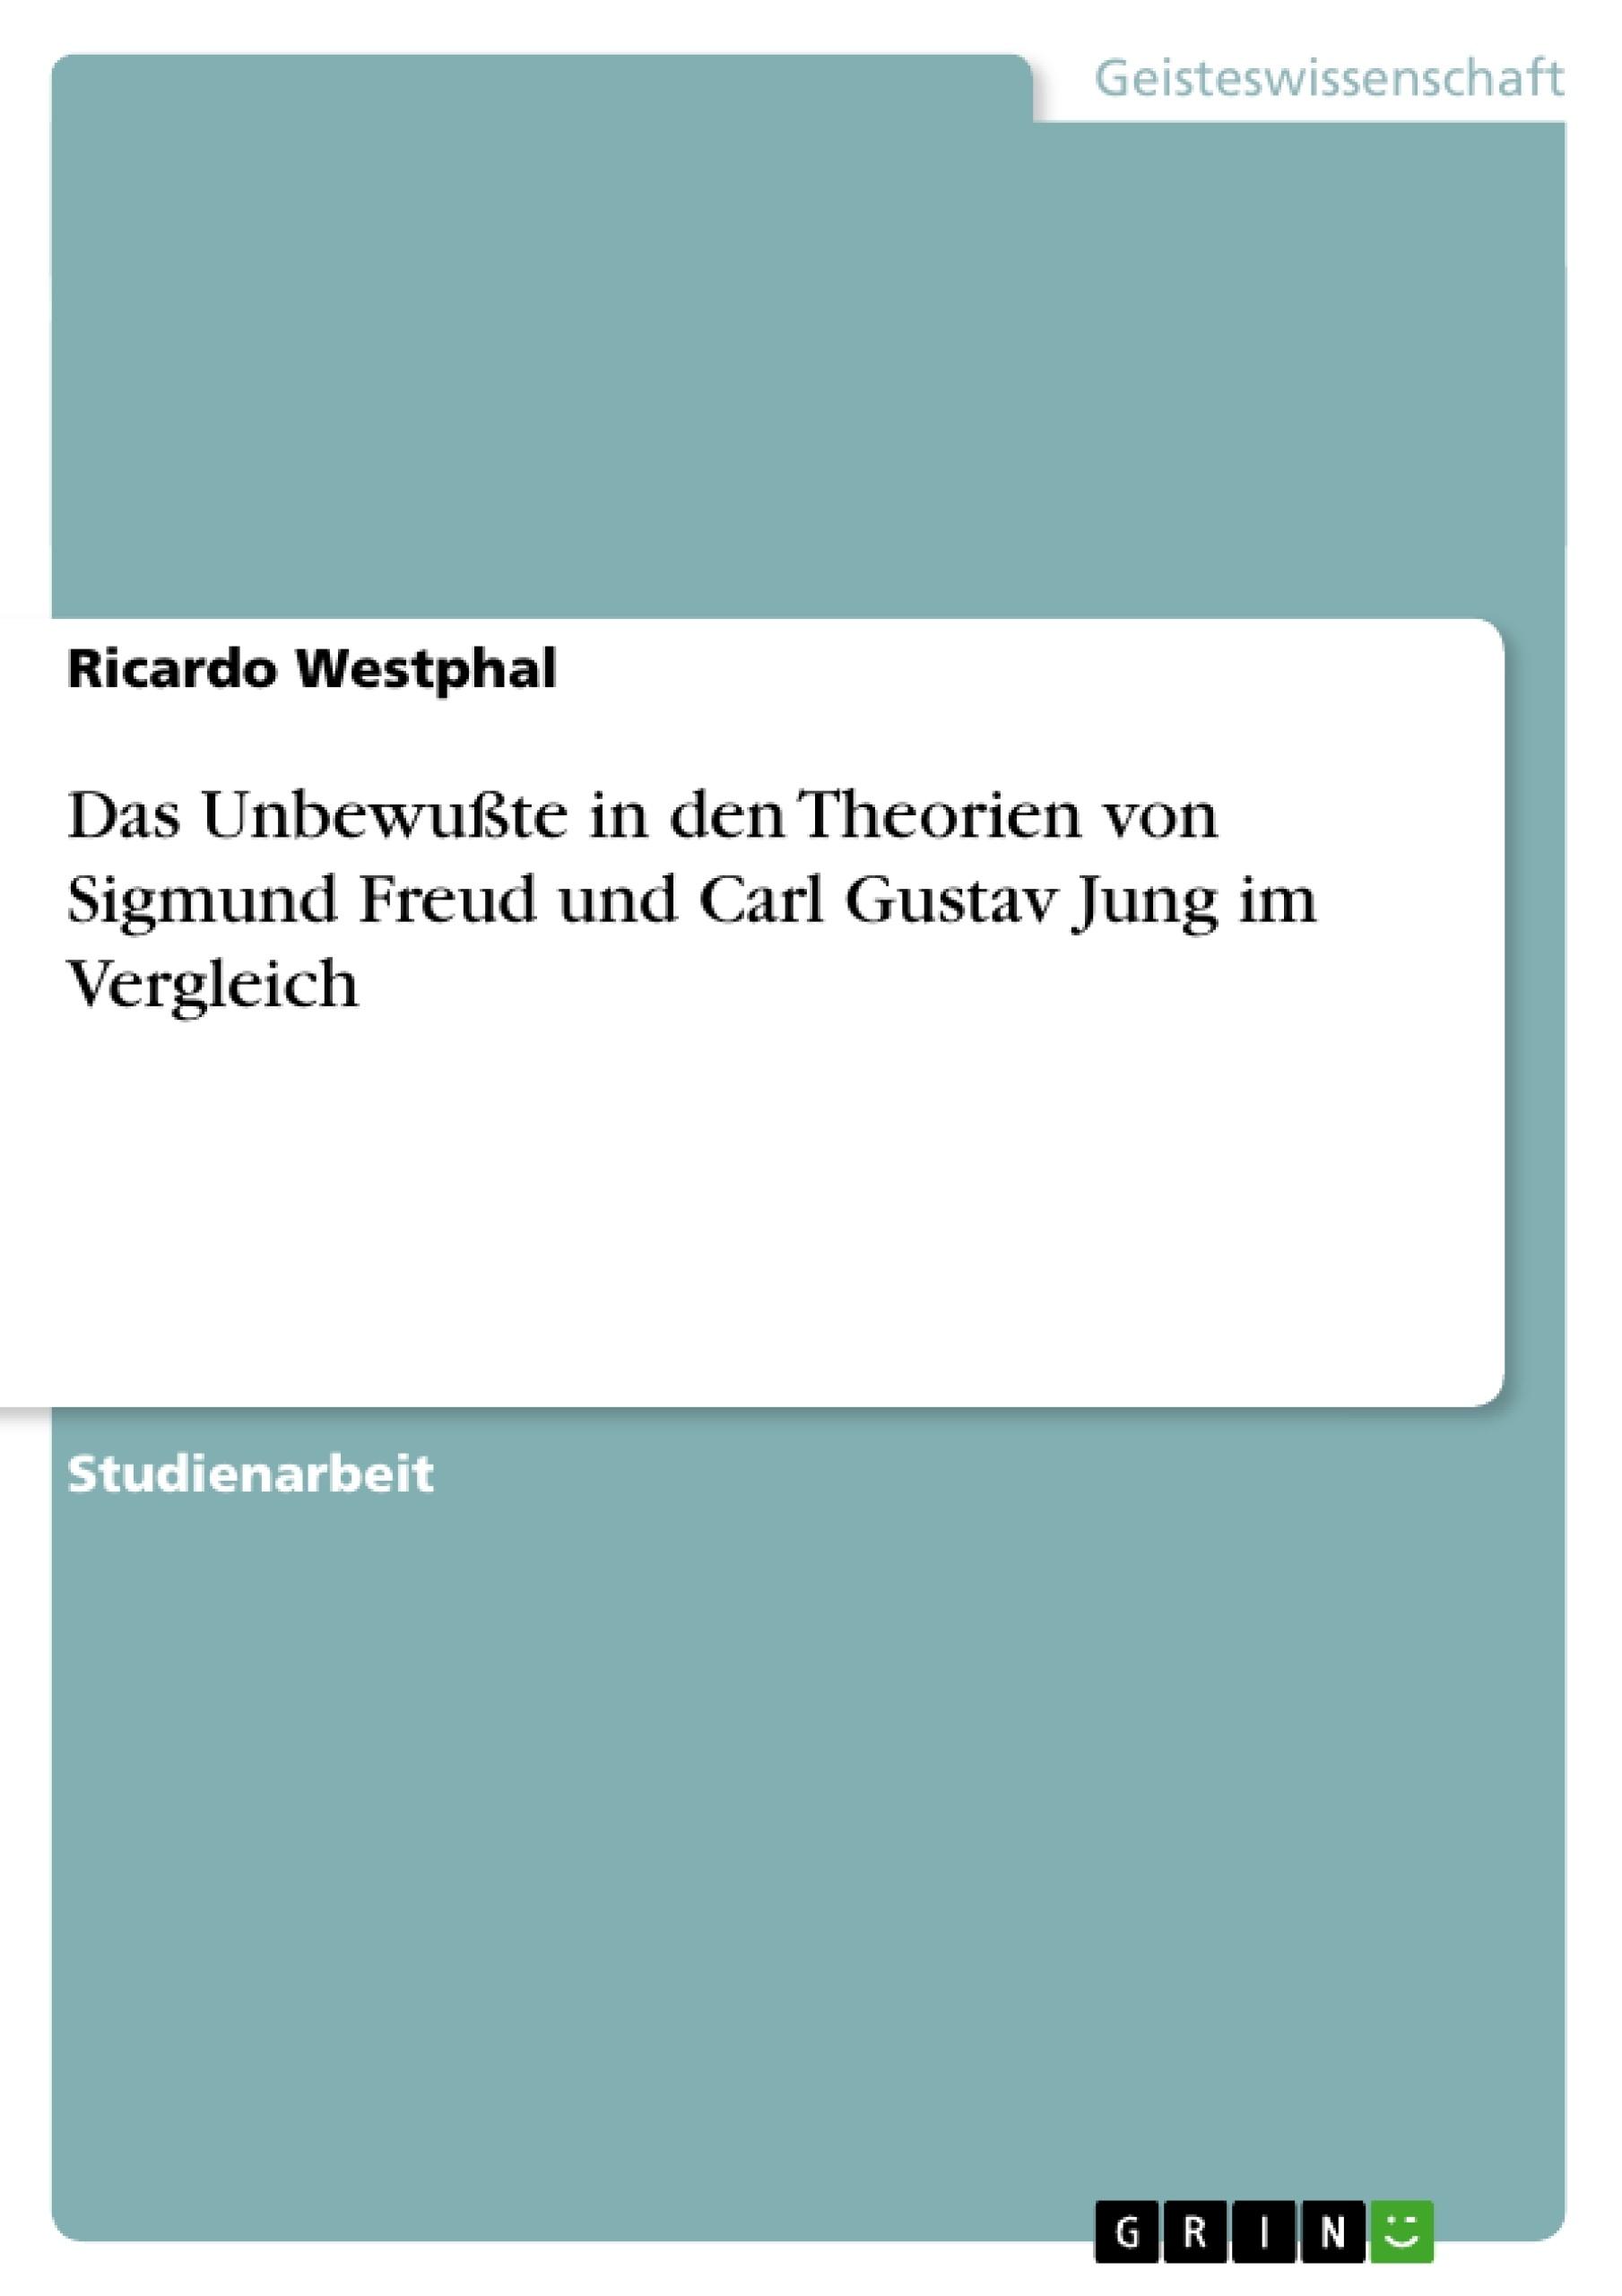 Titel: Das Unbewußte in den Theorien von Sigmund Freud und Carl Gustav Jung im Vergleich